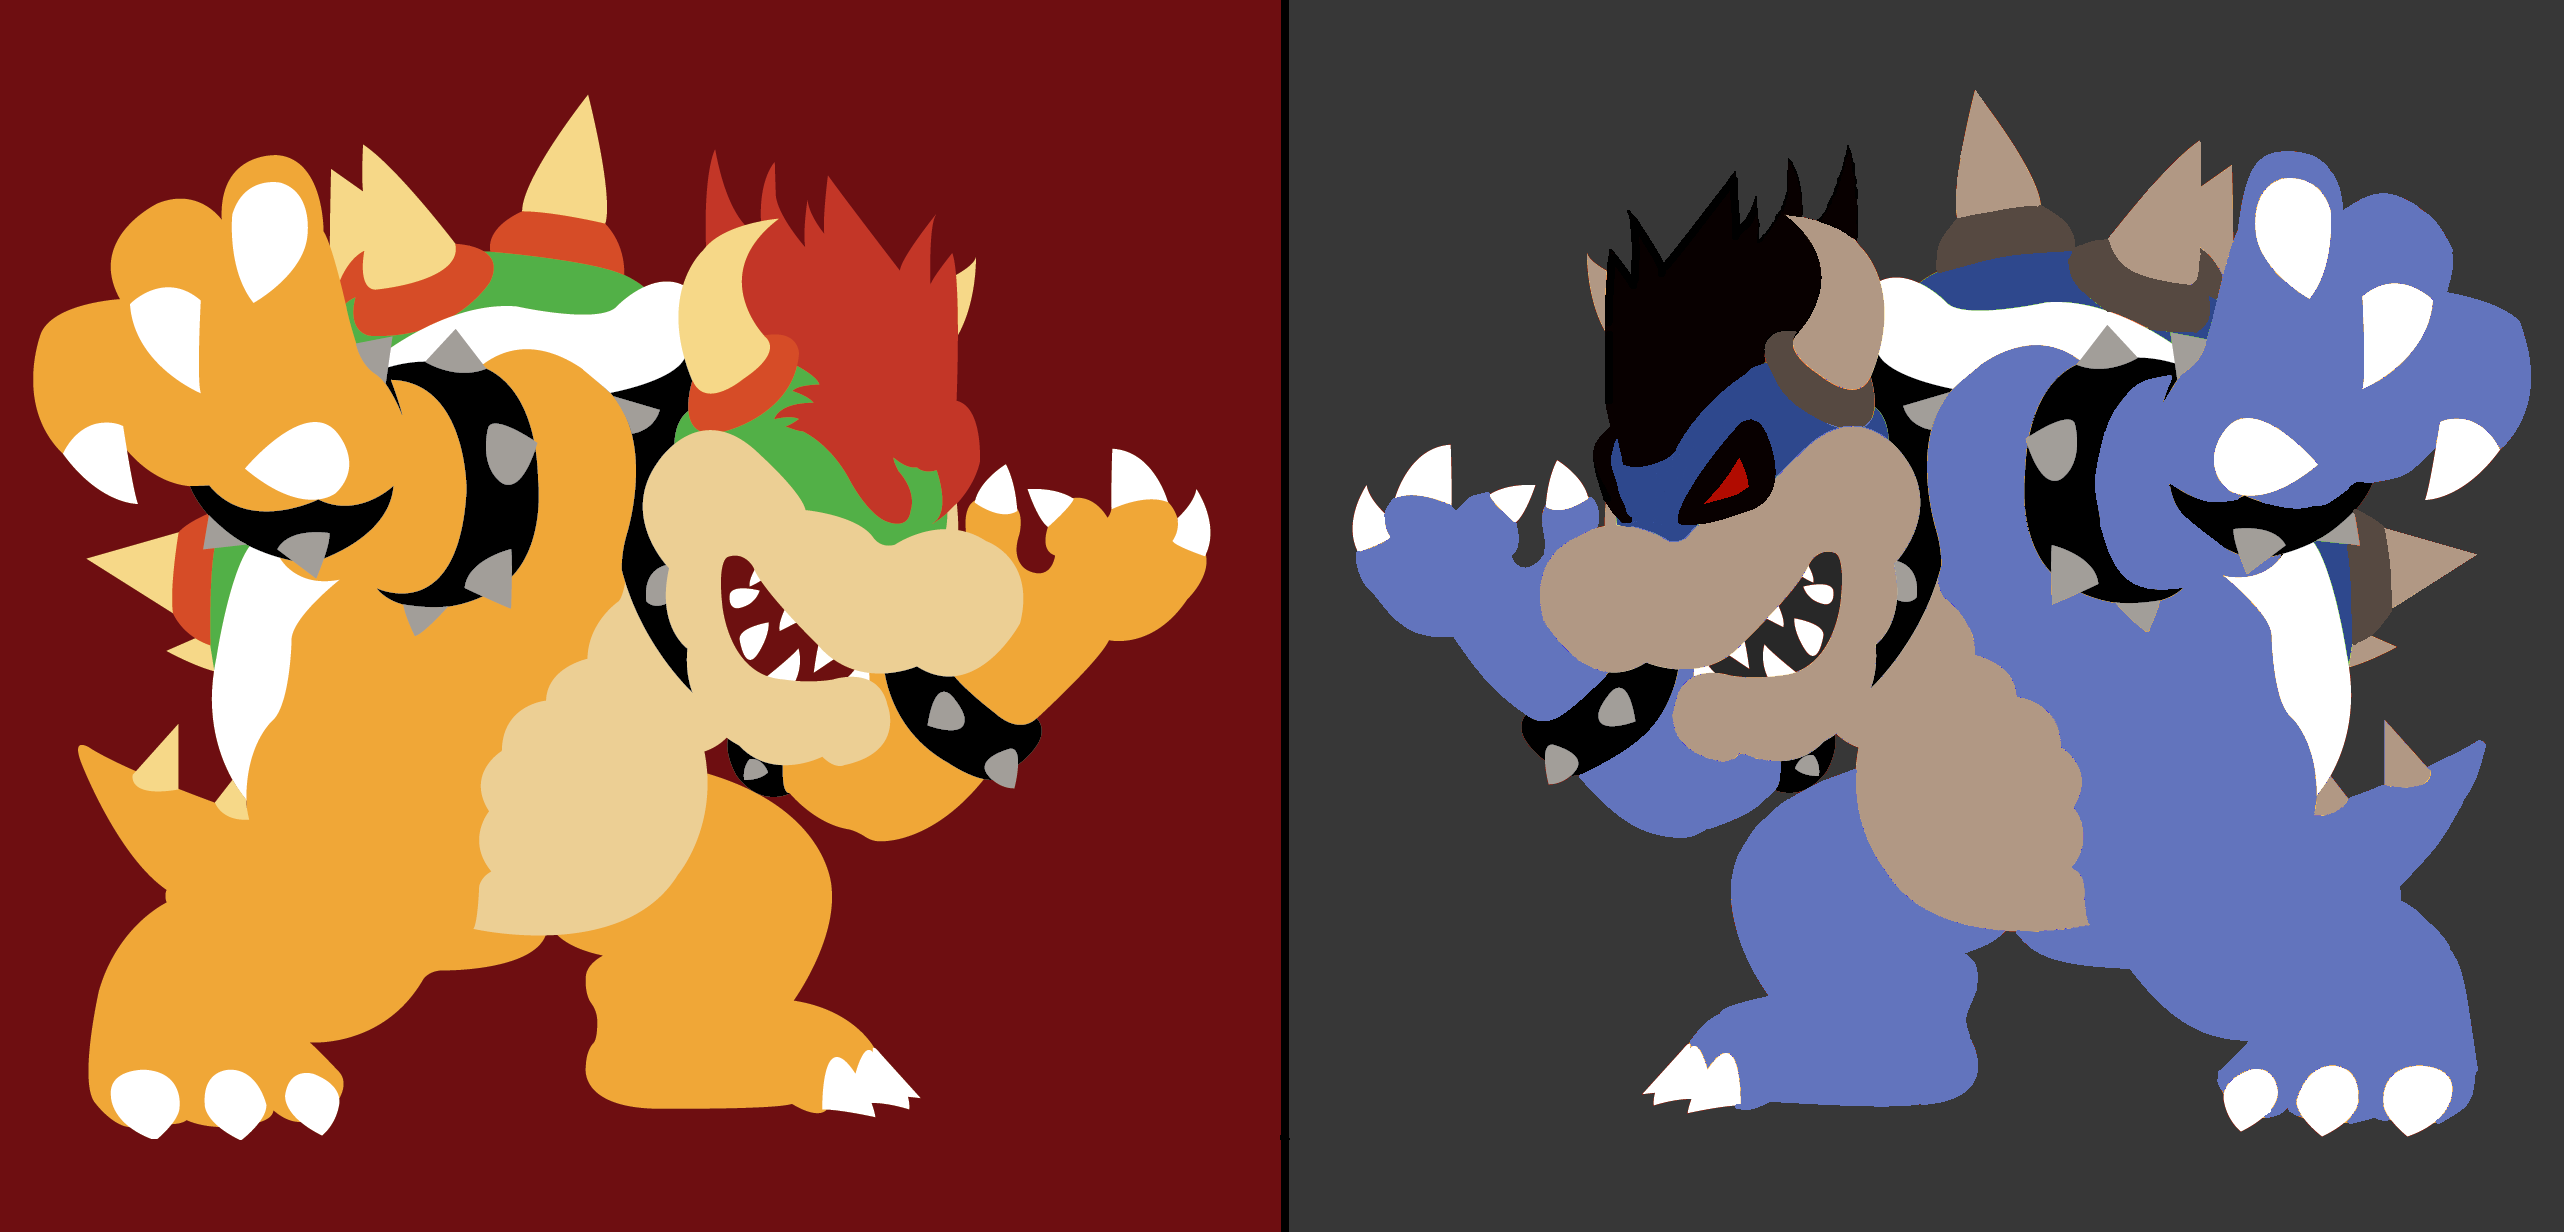 bowser vs dark bowser by dreamybowser on deviantart